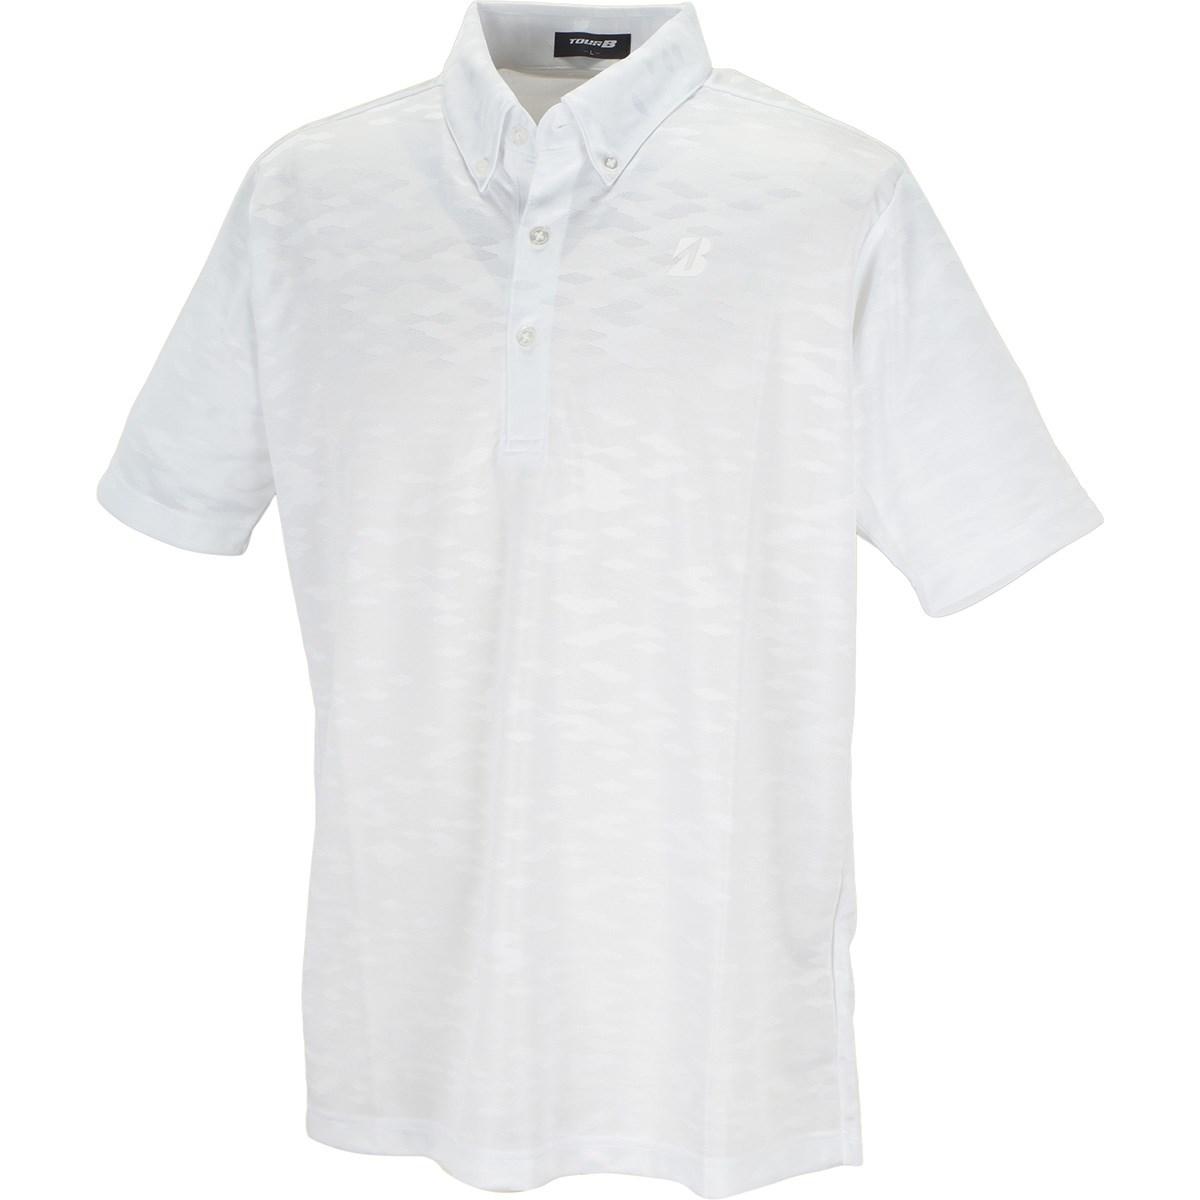 ブリヂストン TOUR B 半袖ボタンダウンポロシャツ M ホワイト